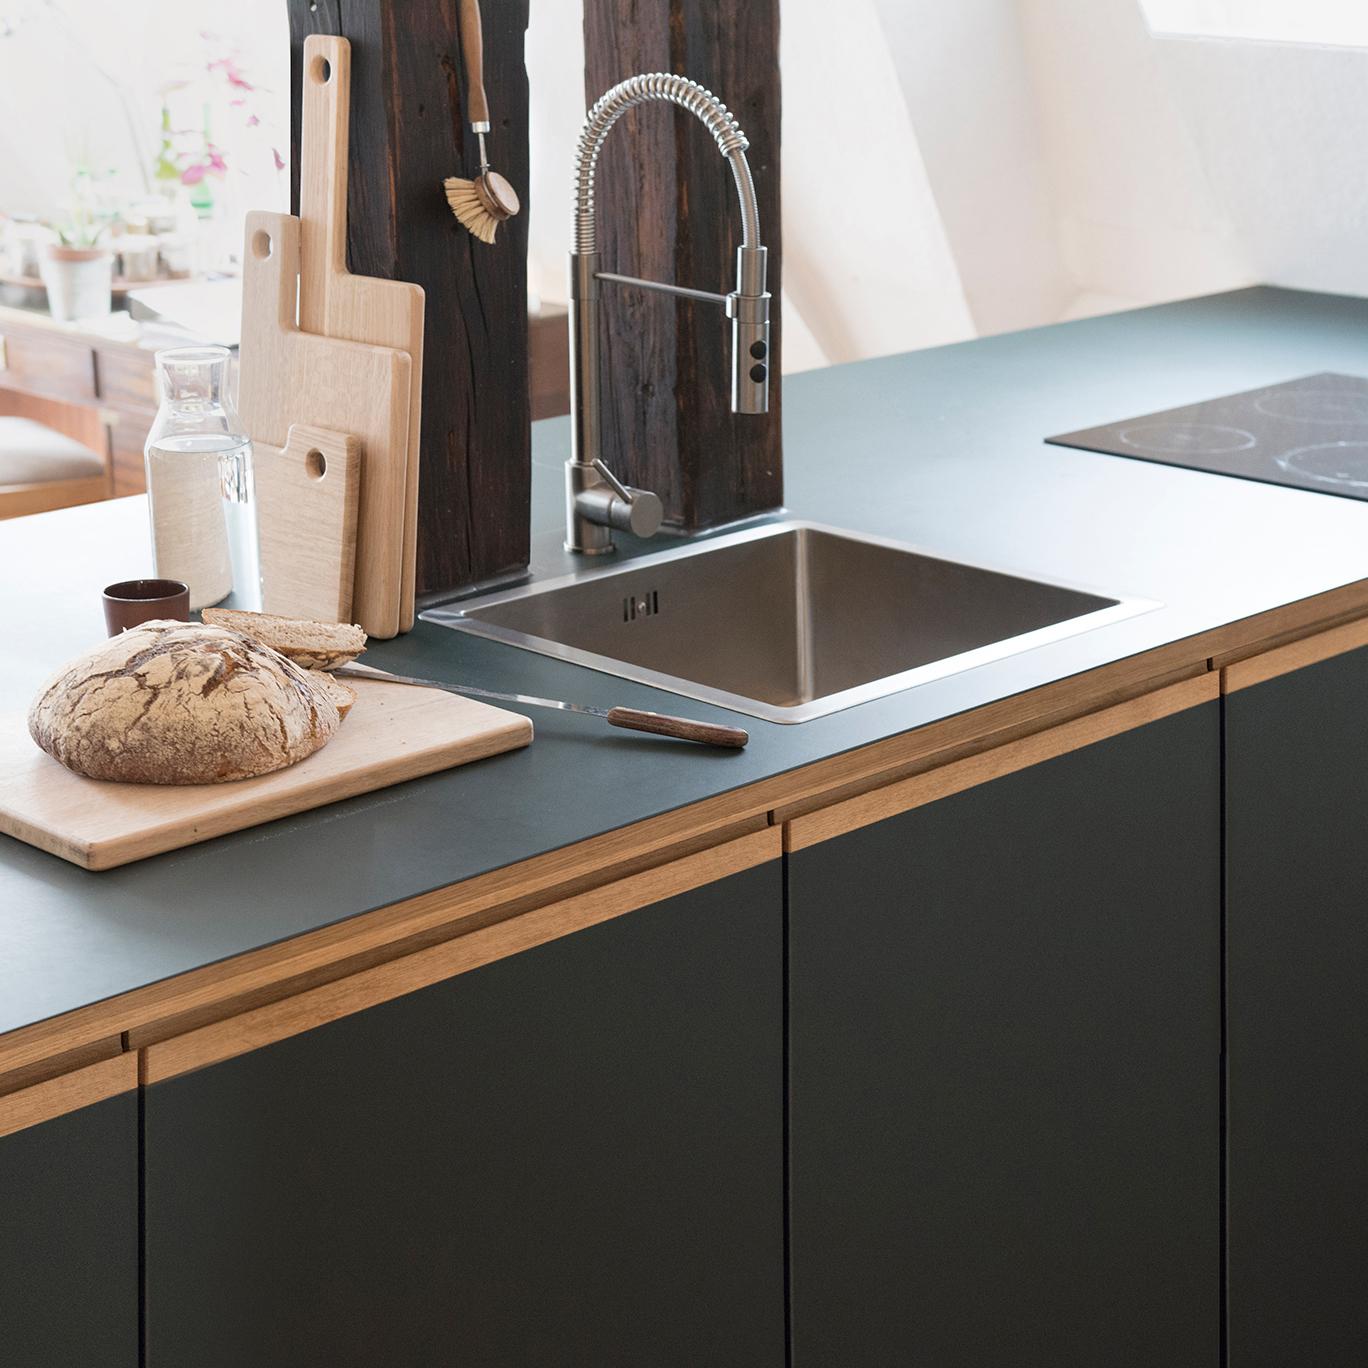 Küche nach Maß aus Linoleum und Eiche